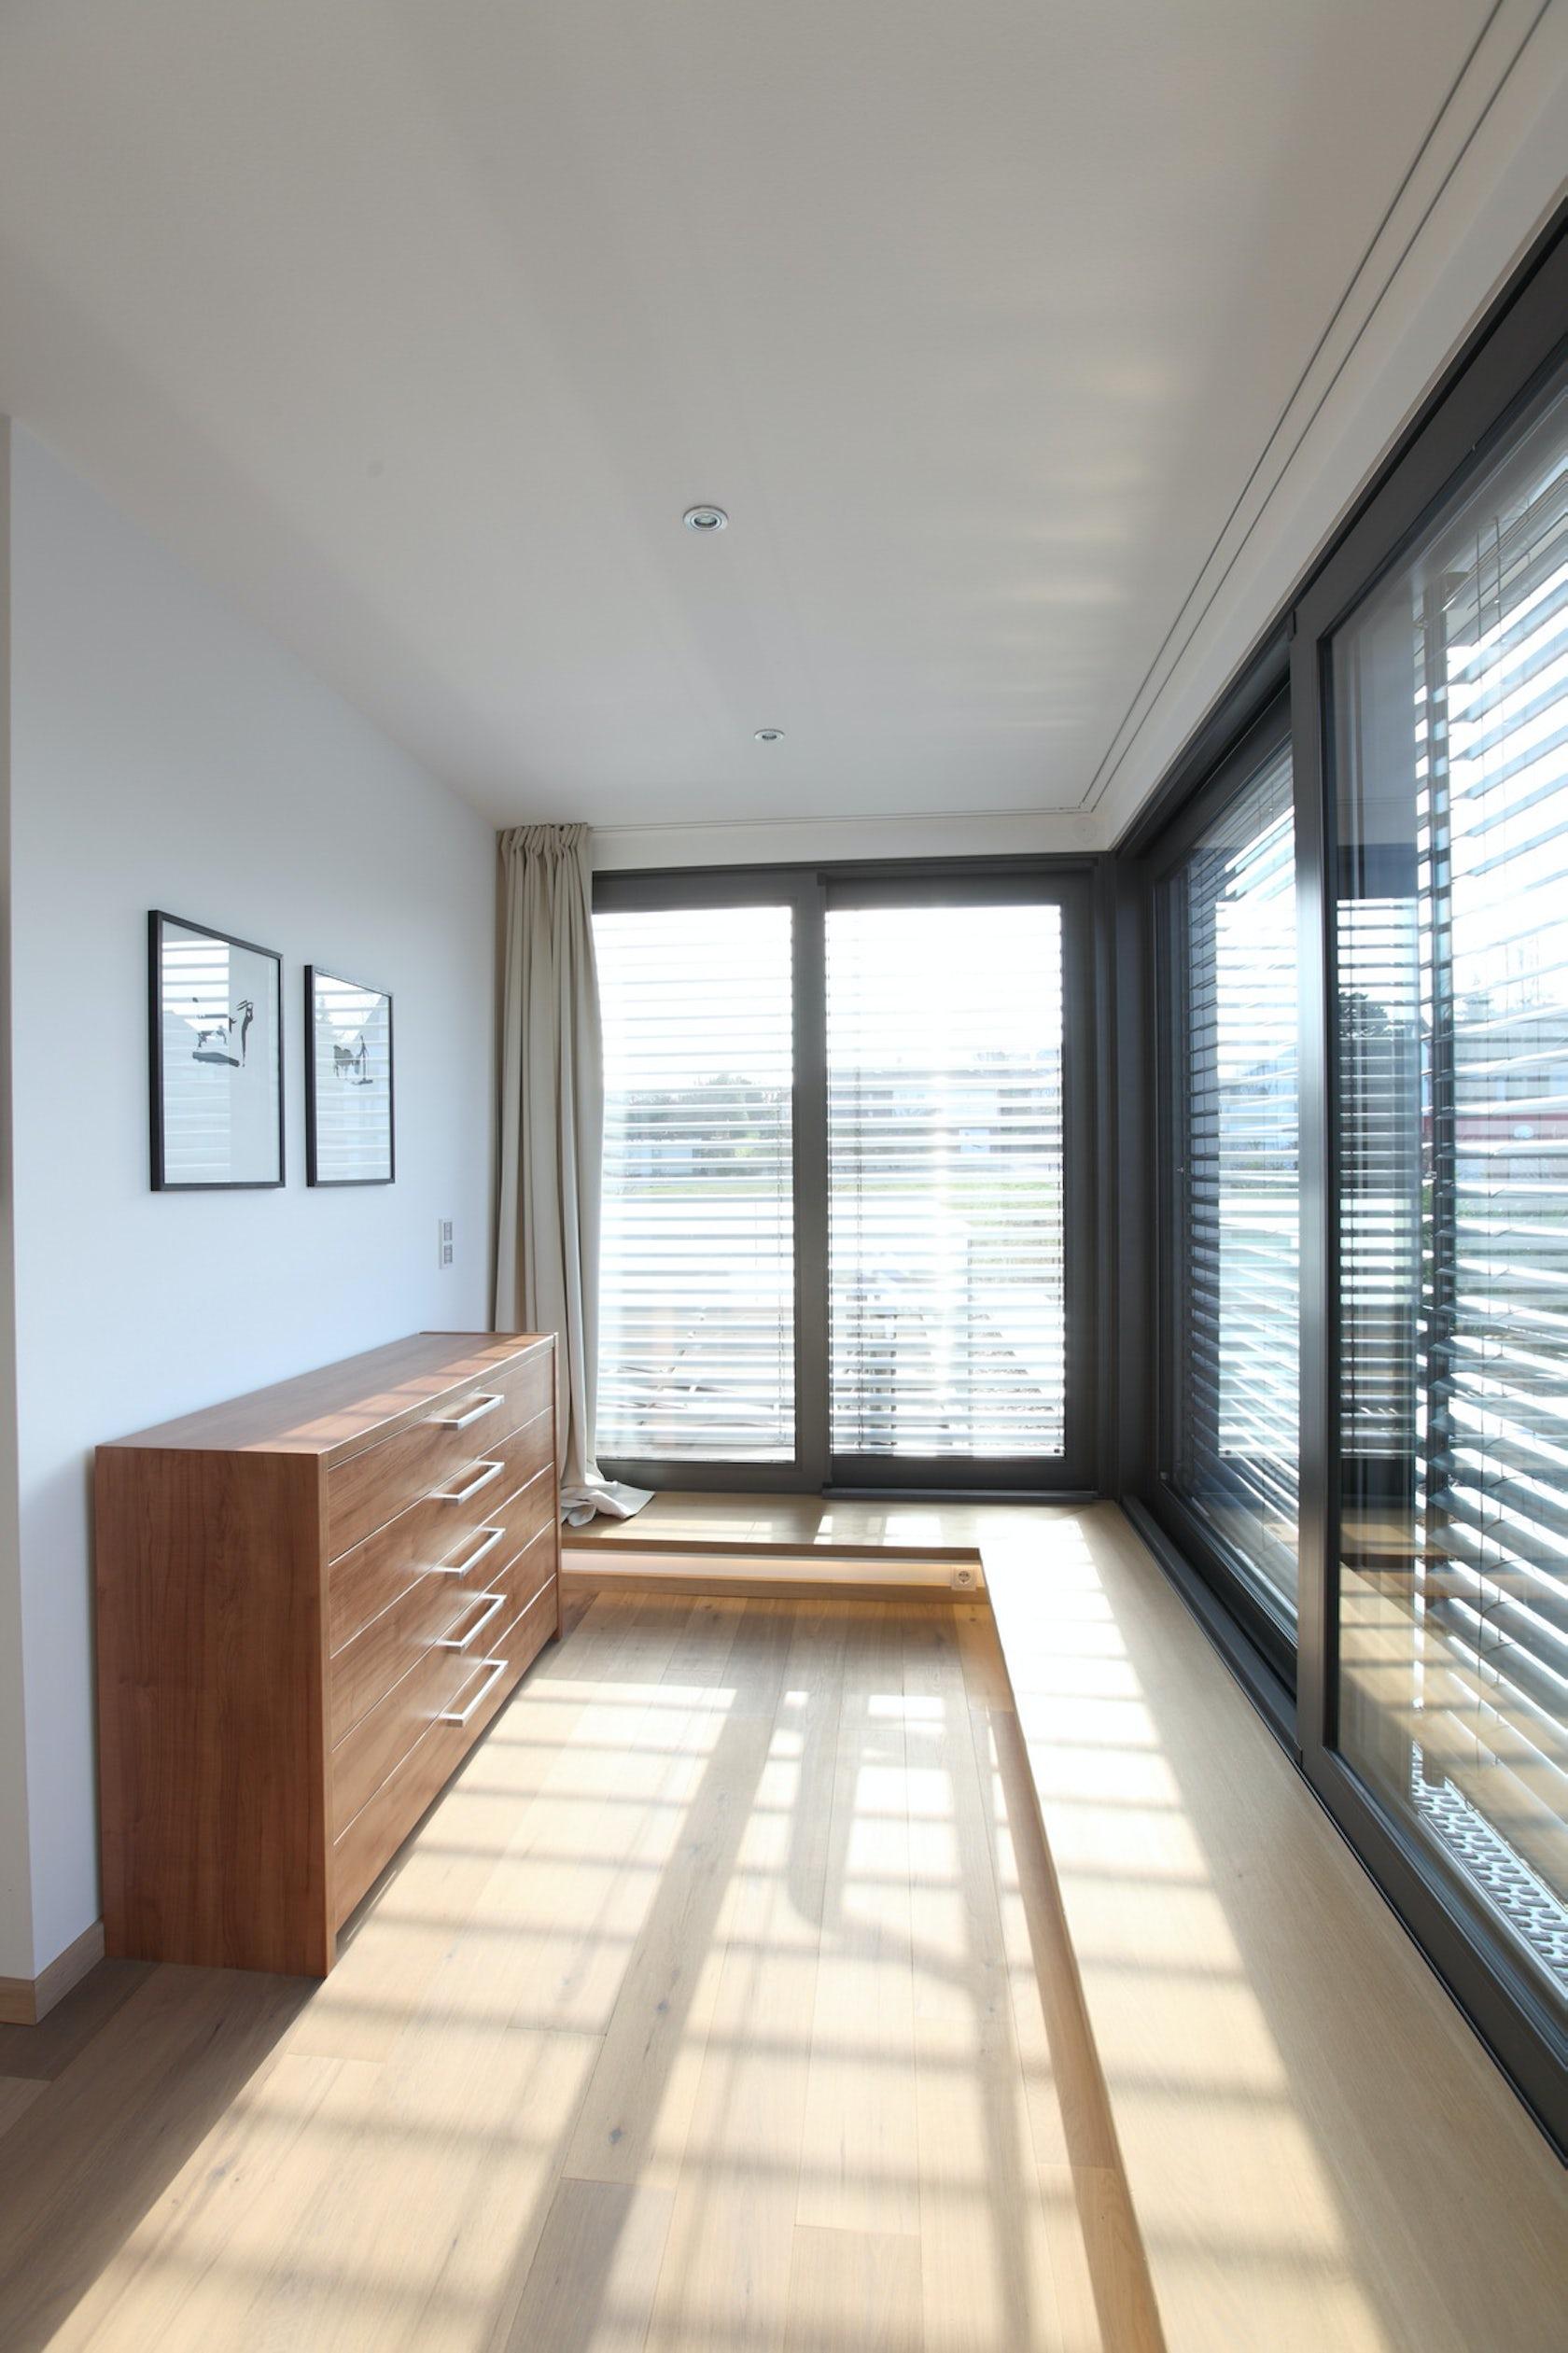 Kfw 70 Standard : neubau eines wohnhauses im bauhausstil mit kfw 70 standard architizer ~ Orissabook.com Haus und Dekorationen